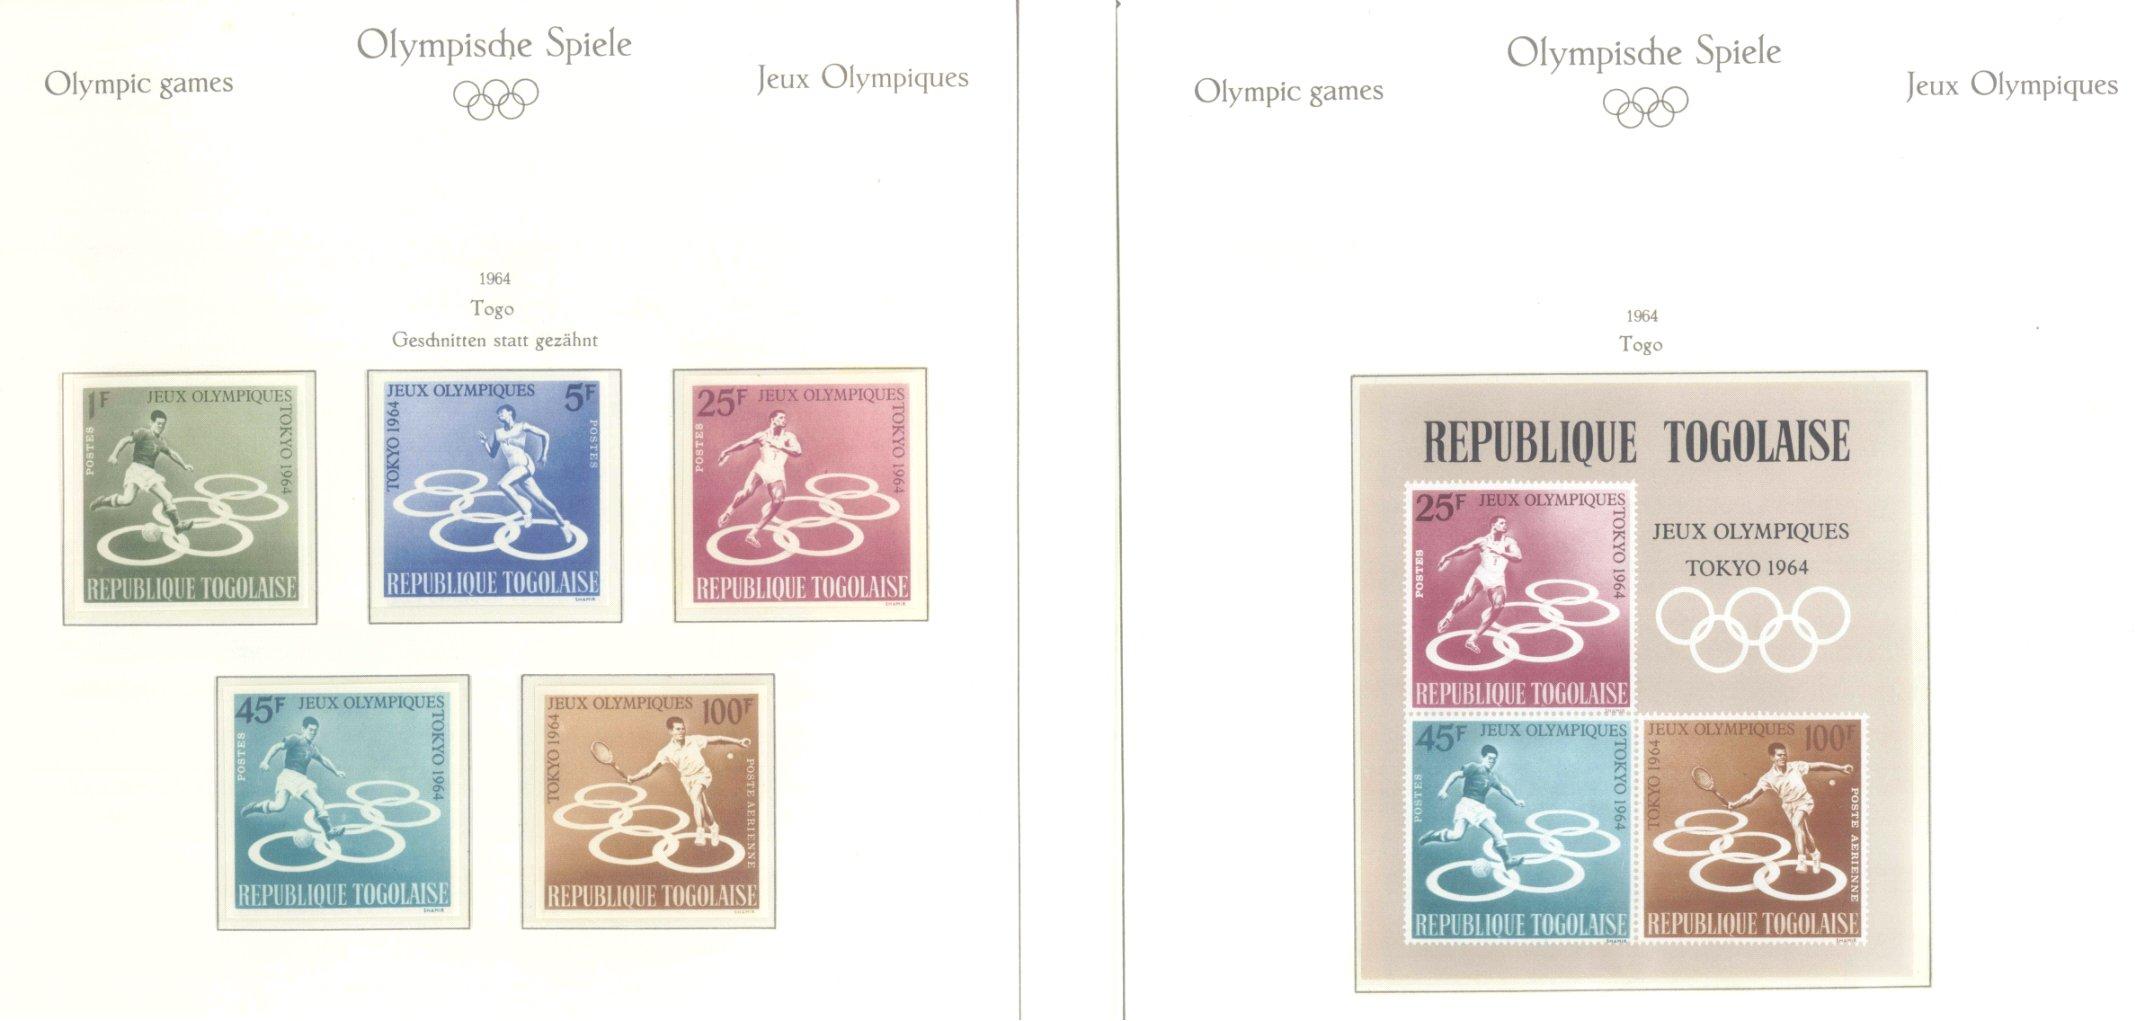 OLYMPISCHE SPIELE 1964 TOKIO, postfrische Sammlung Teil 2-41